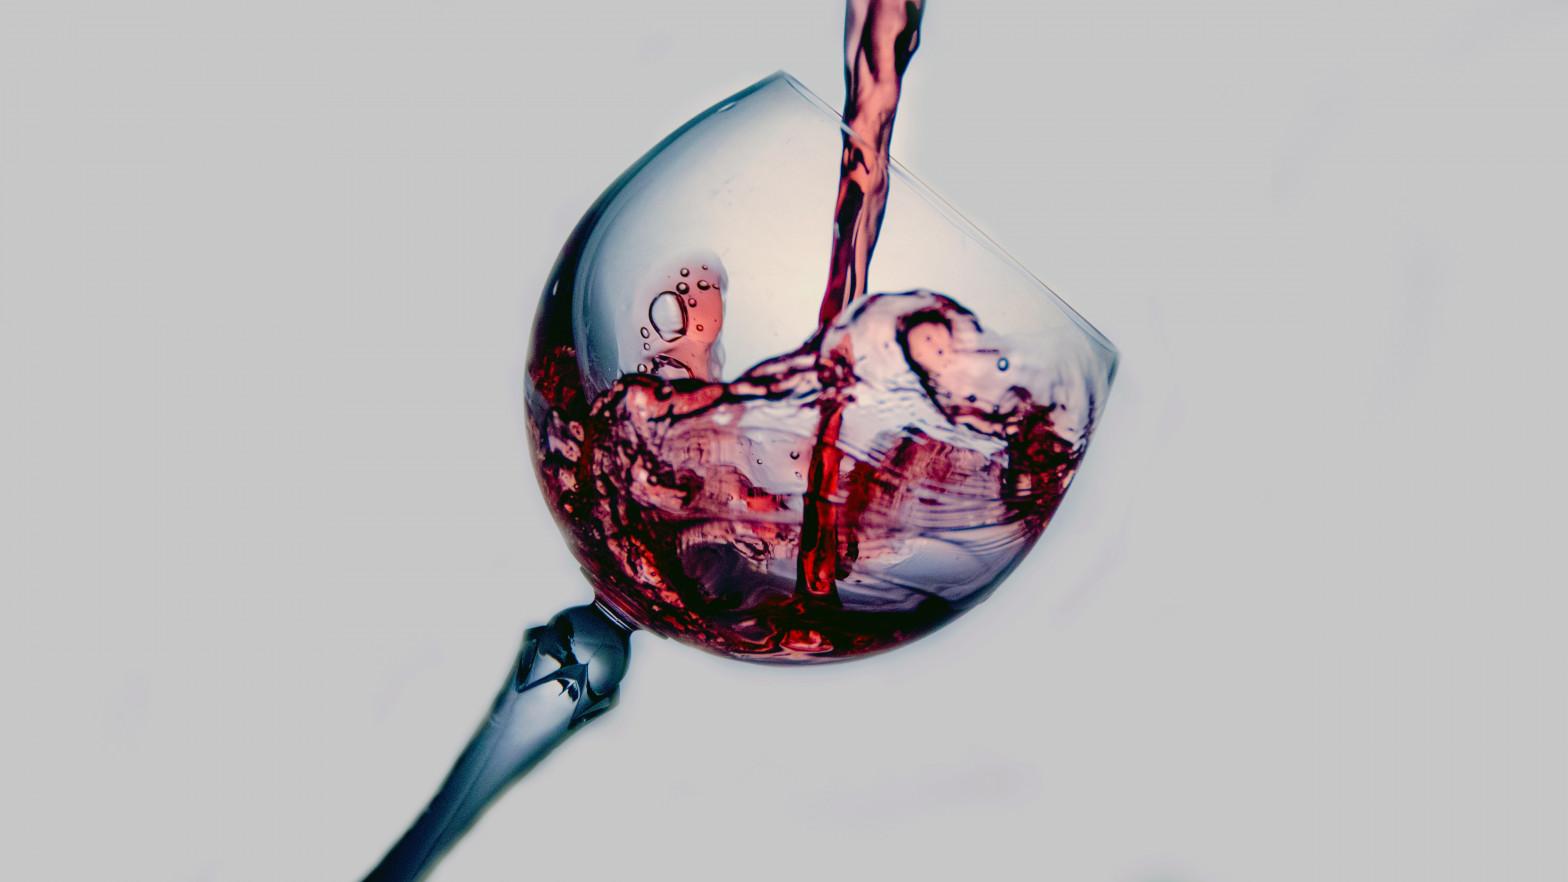 Los mejores vinos para regalar el Día del Padre: celébralo con cuatro etiquetas de calidad